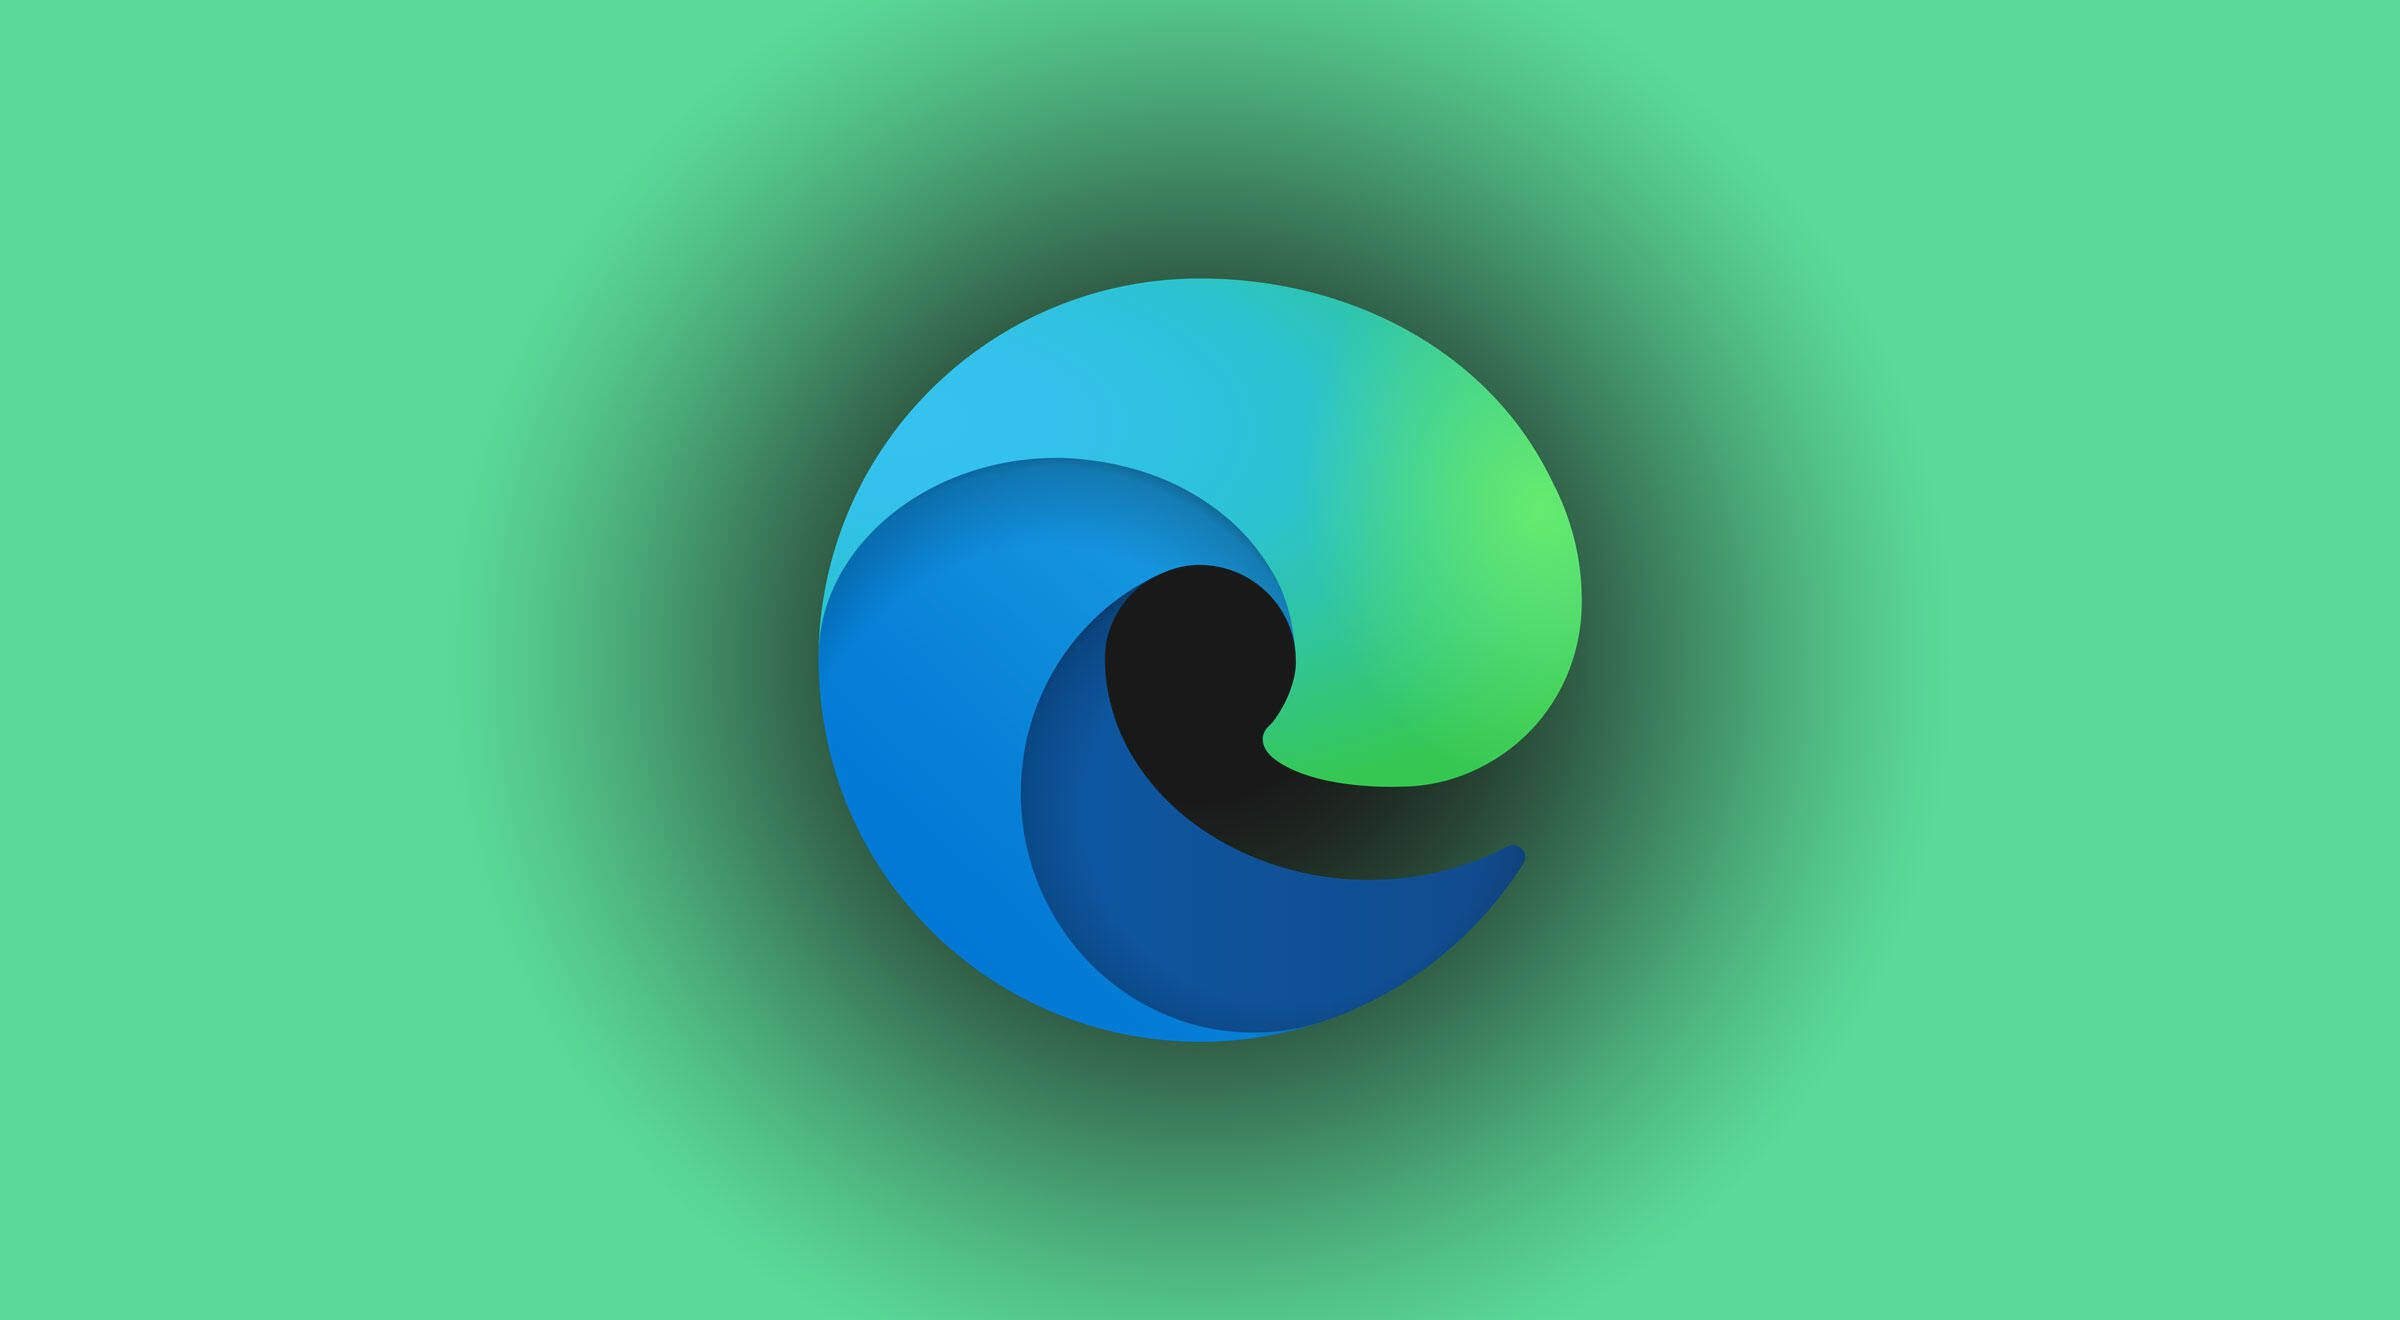 Microsoft Edge icon logo